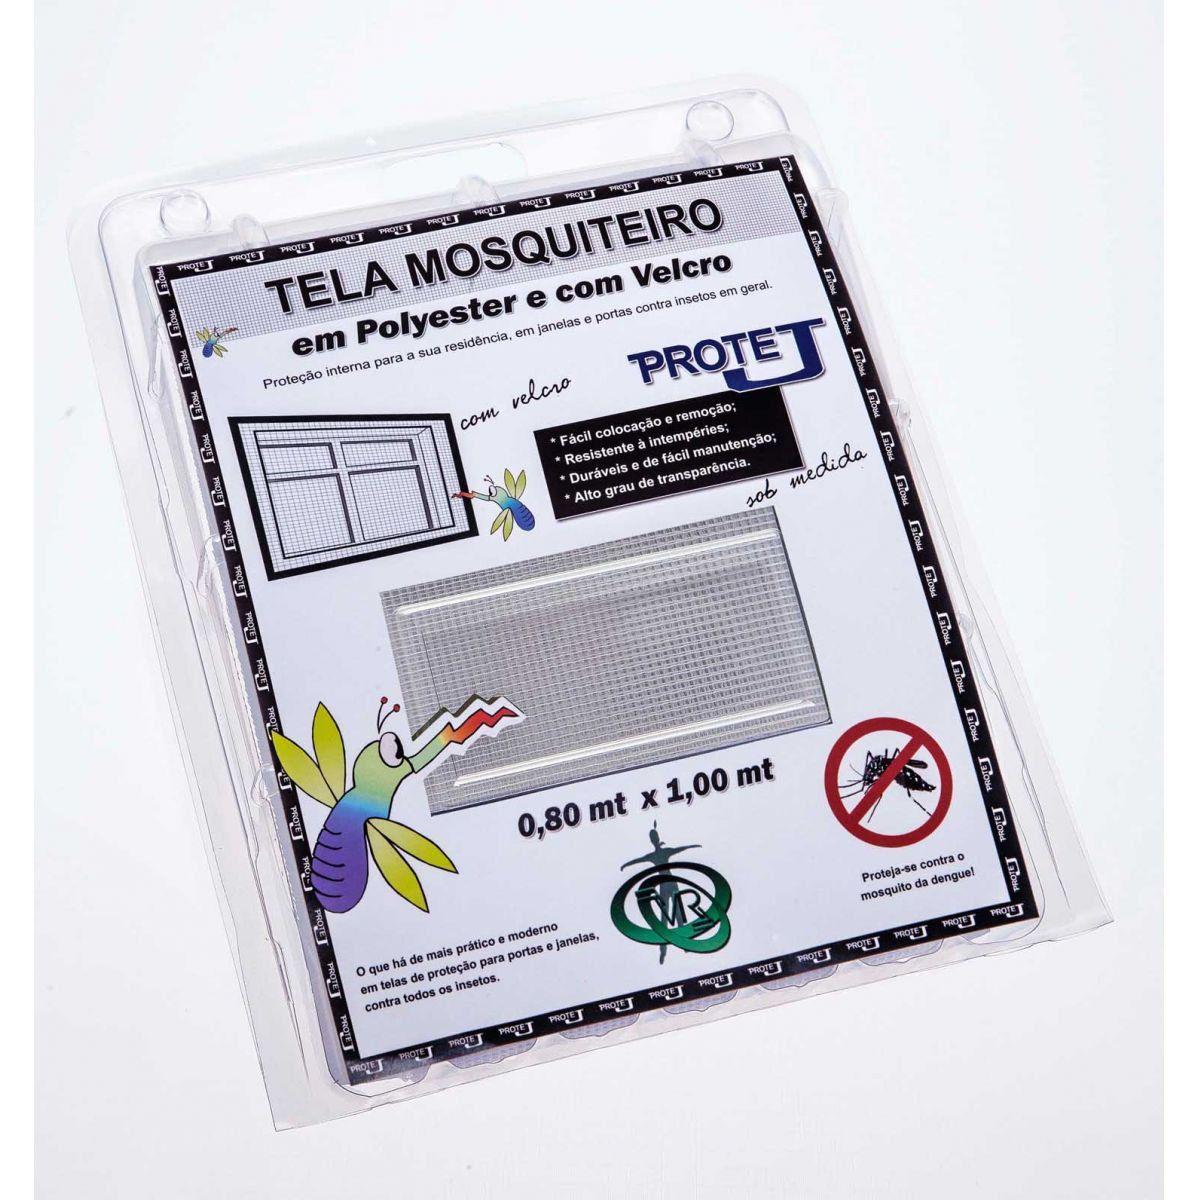 Tela Mosquiteiro em polyester 0,80 x 1,00 Branco com fechos de contato marca VELCRO®